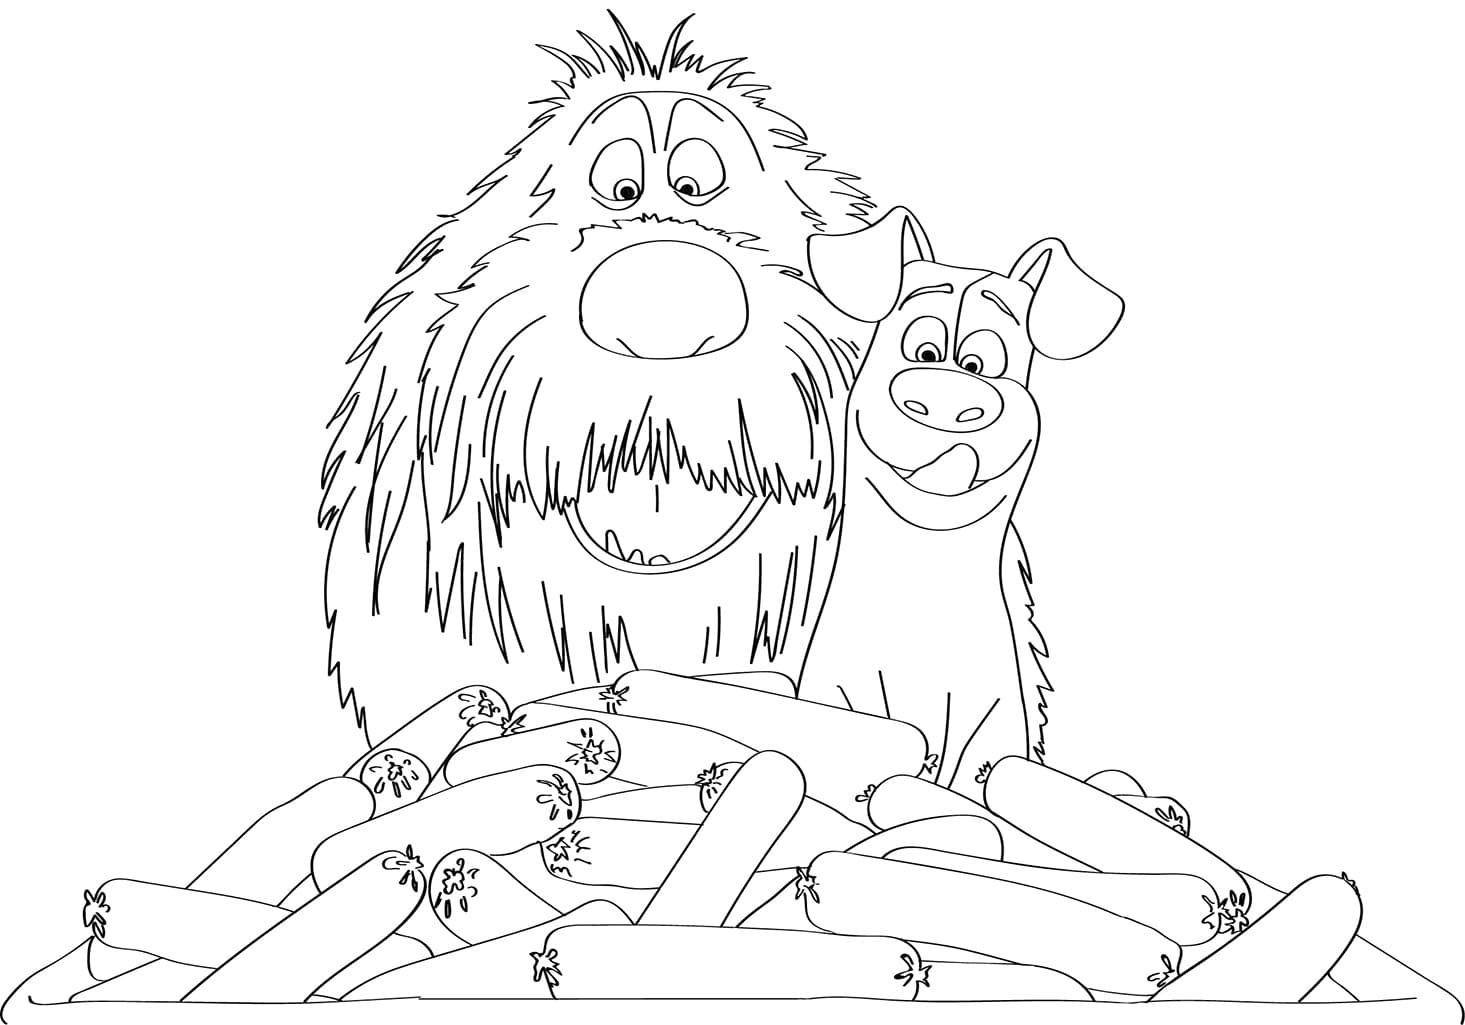 Раскраски Тайная жизнь домашних животных. Распечатать бесплатно